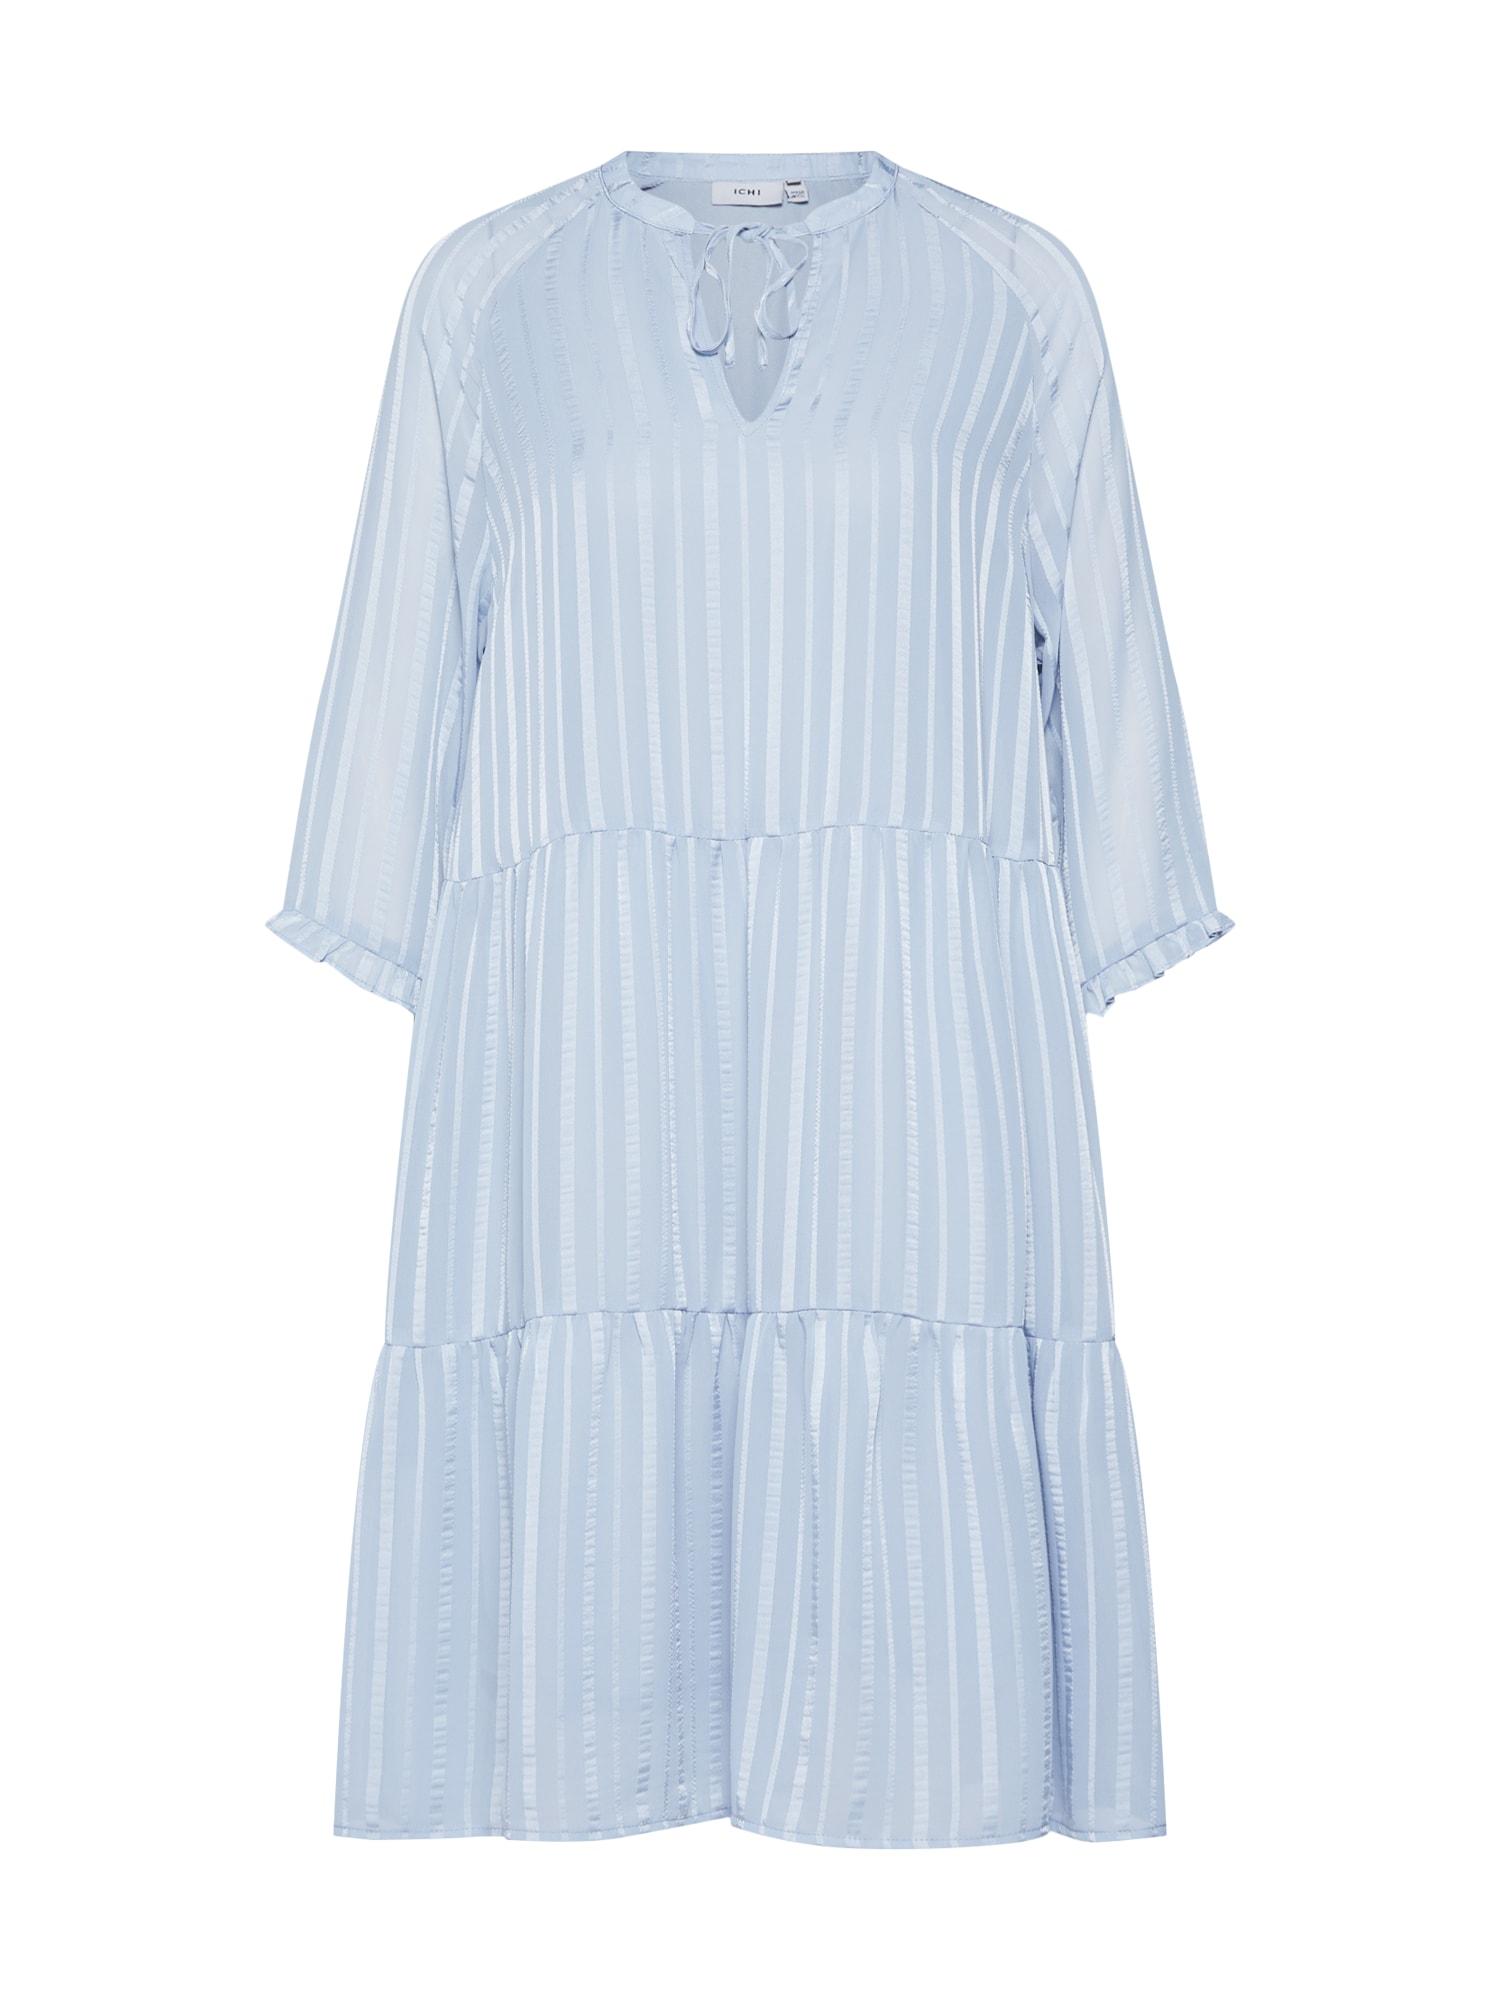 Letní šaty DONNA DR2 světlemodrá ICHI